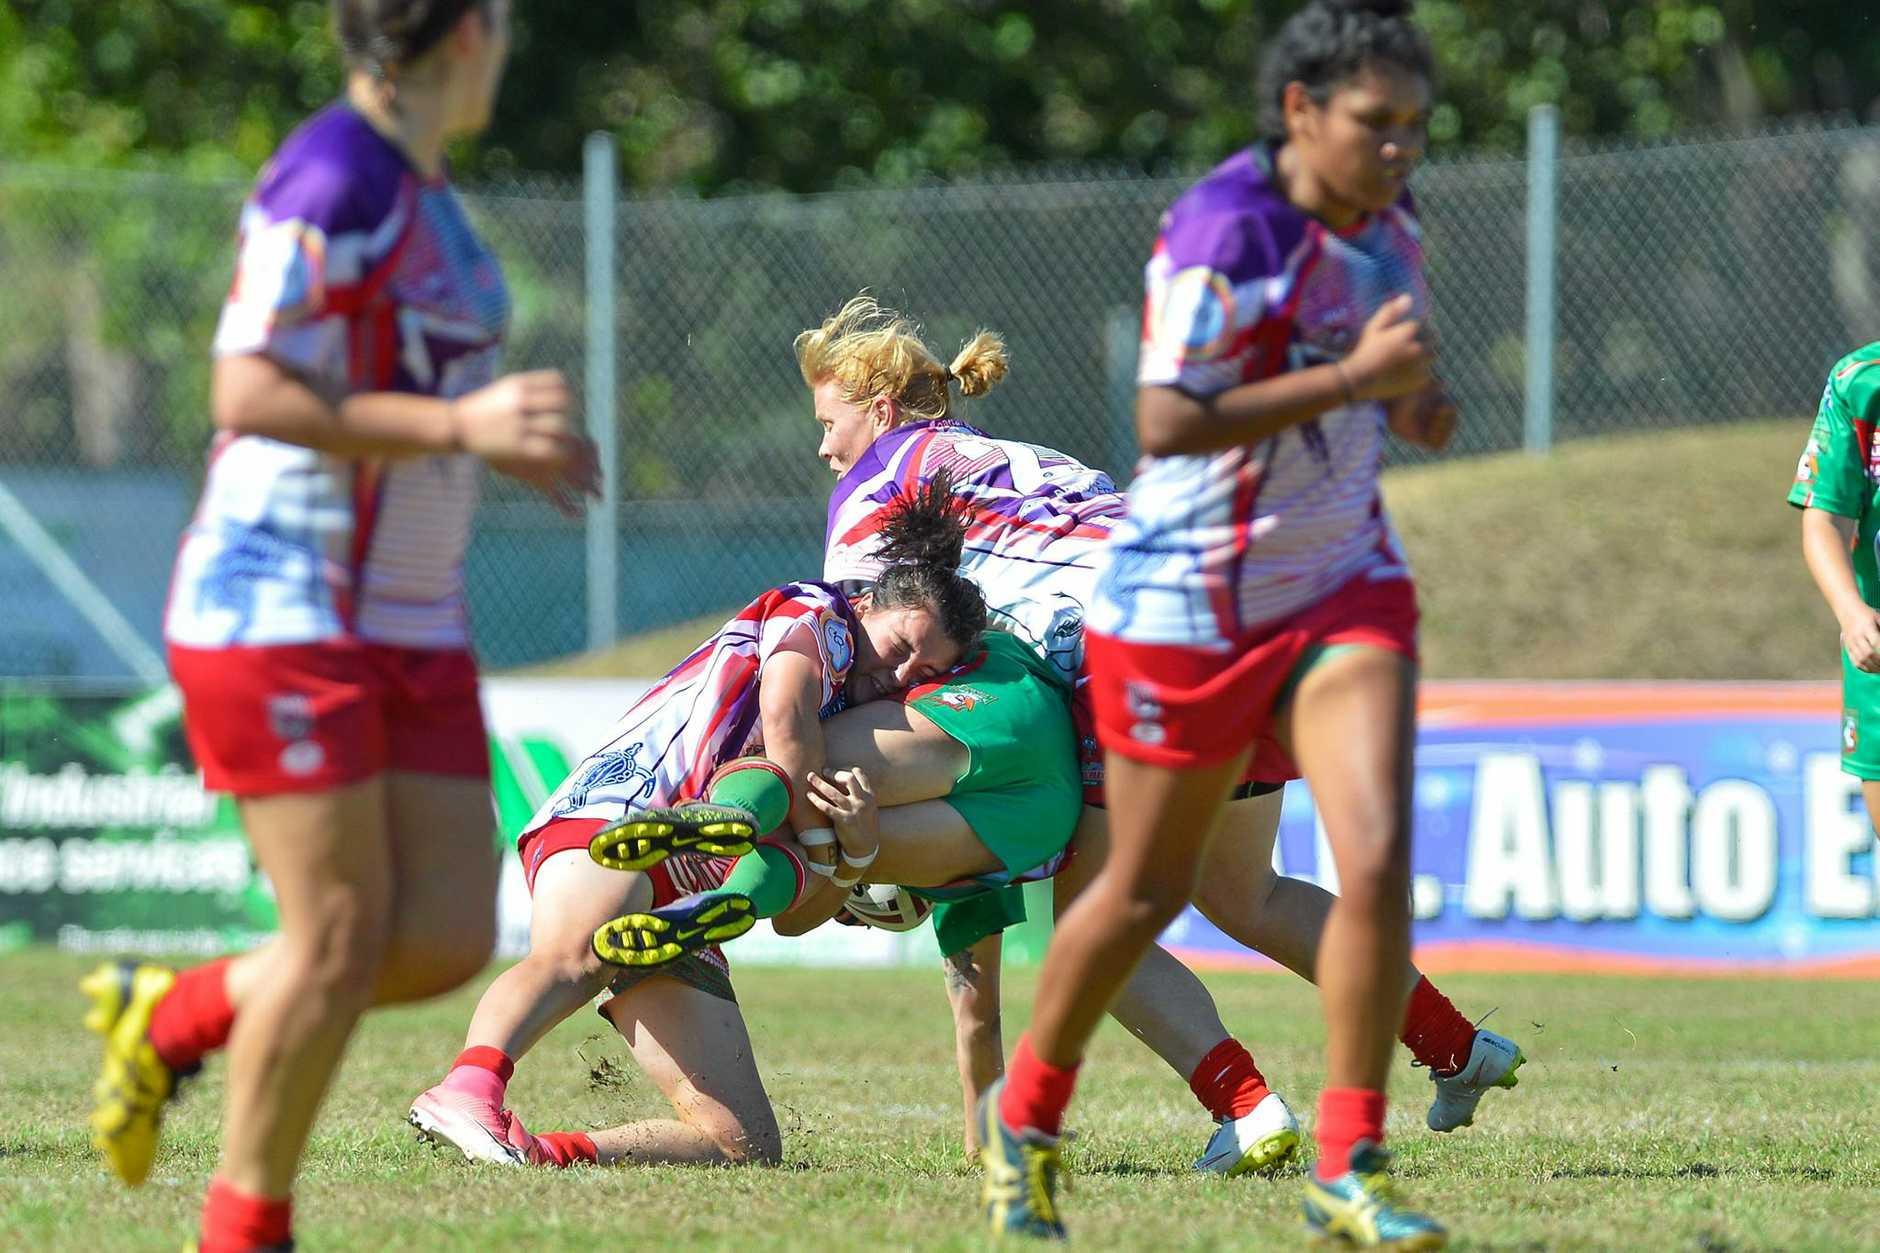 Womens Rugby League Grand Final 2017 - Emu Park vs Tannum Seagals.